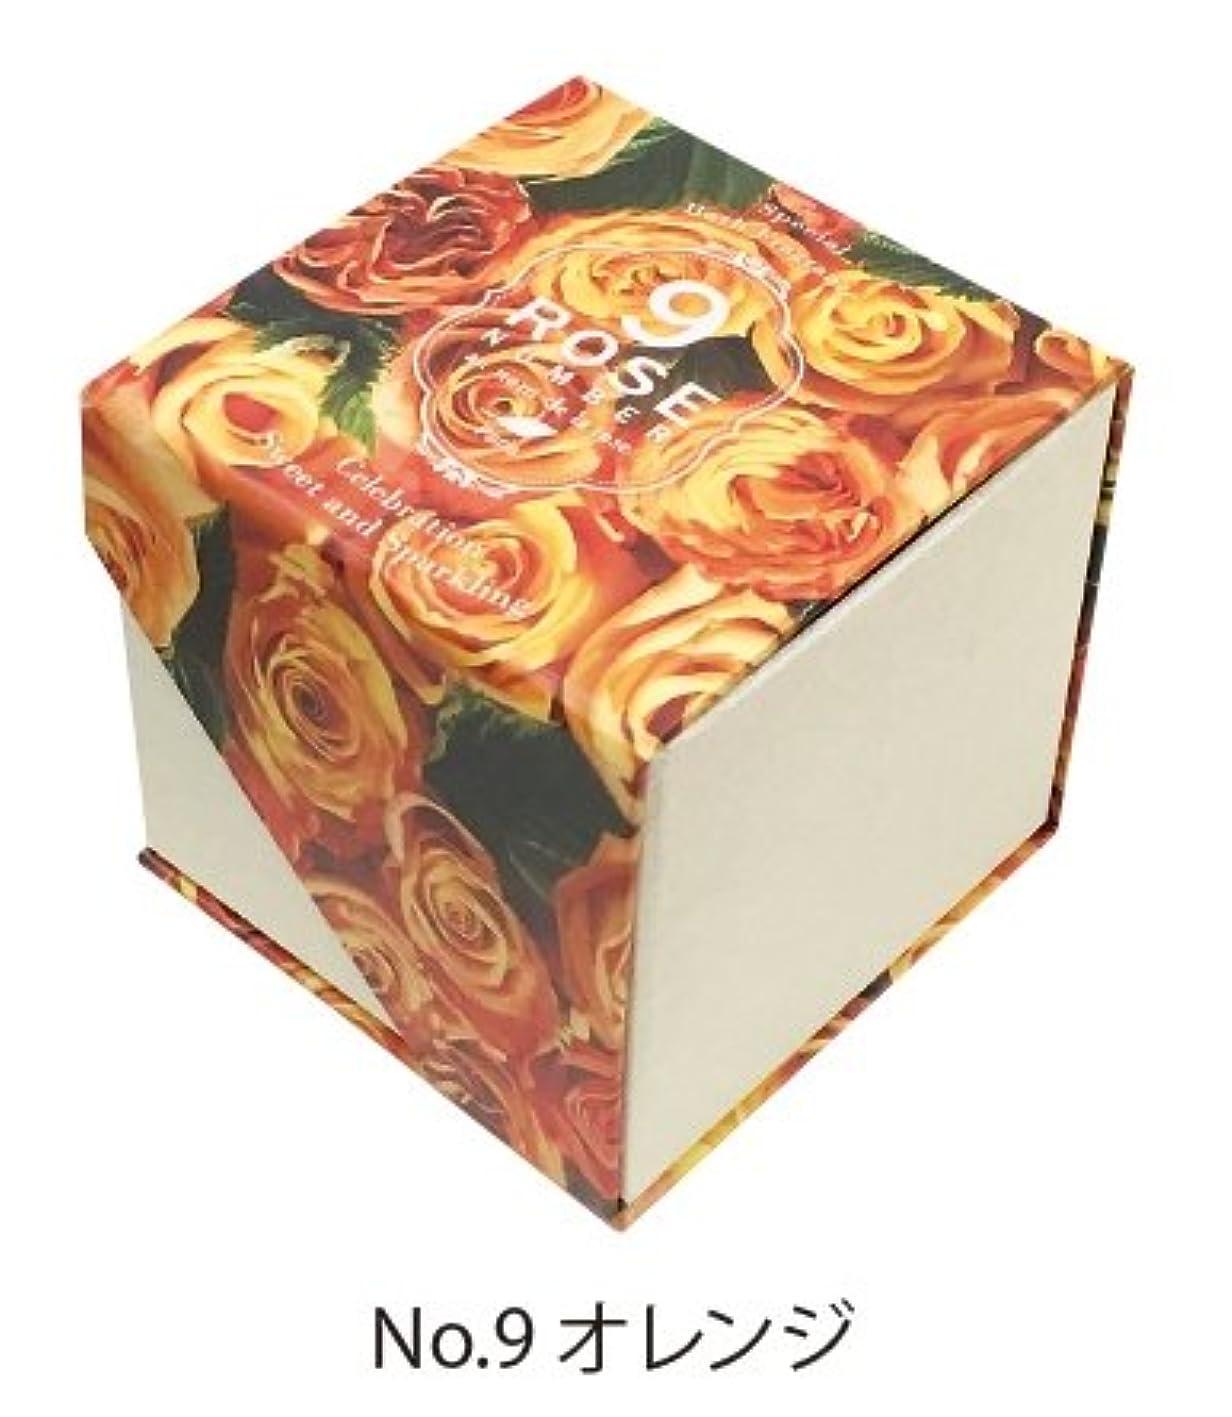 メーター模倣ディスパッチ九州フラワーサービス(Kyushu Flower Service) 入浴剤 77280